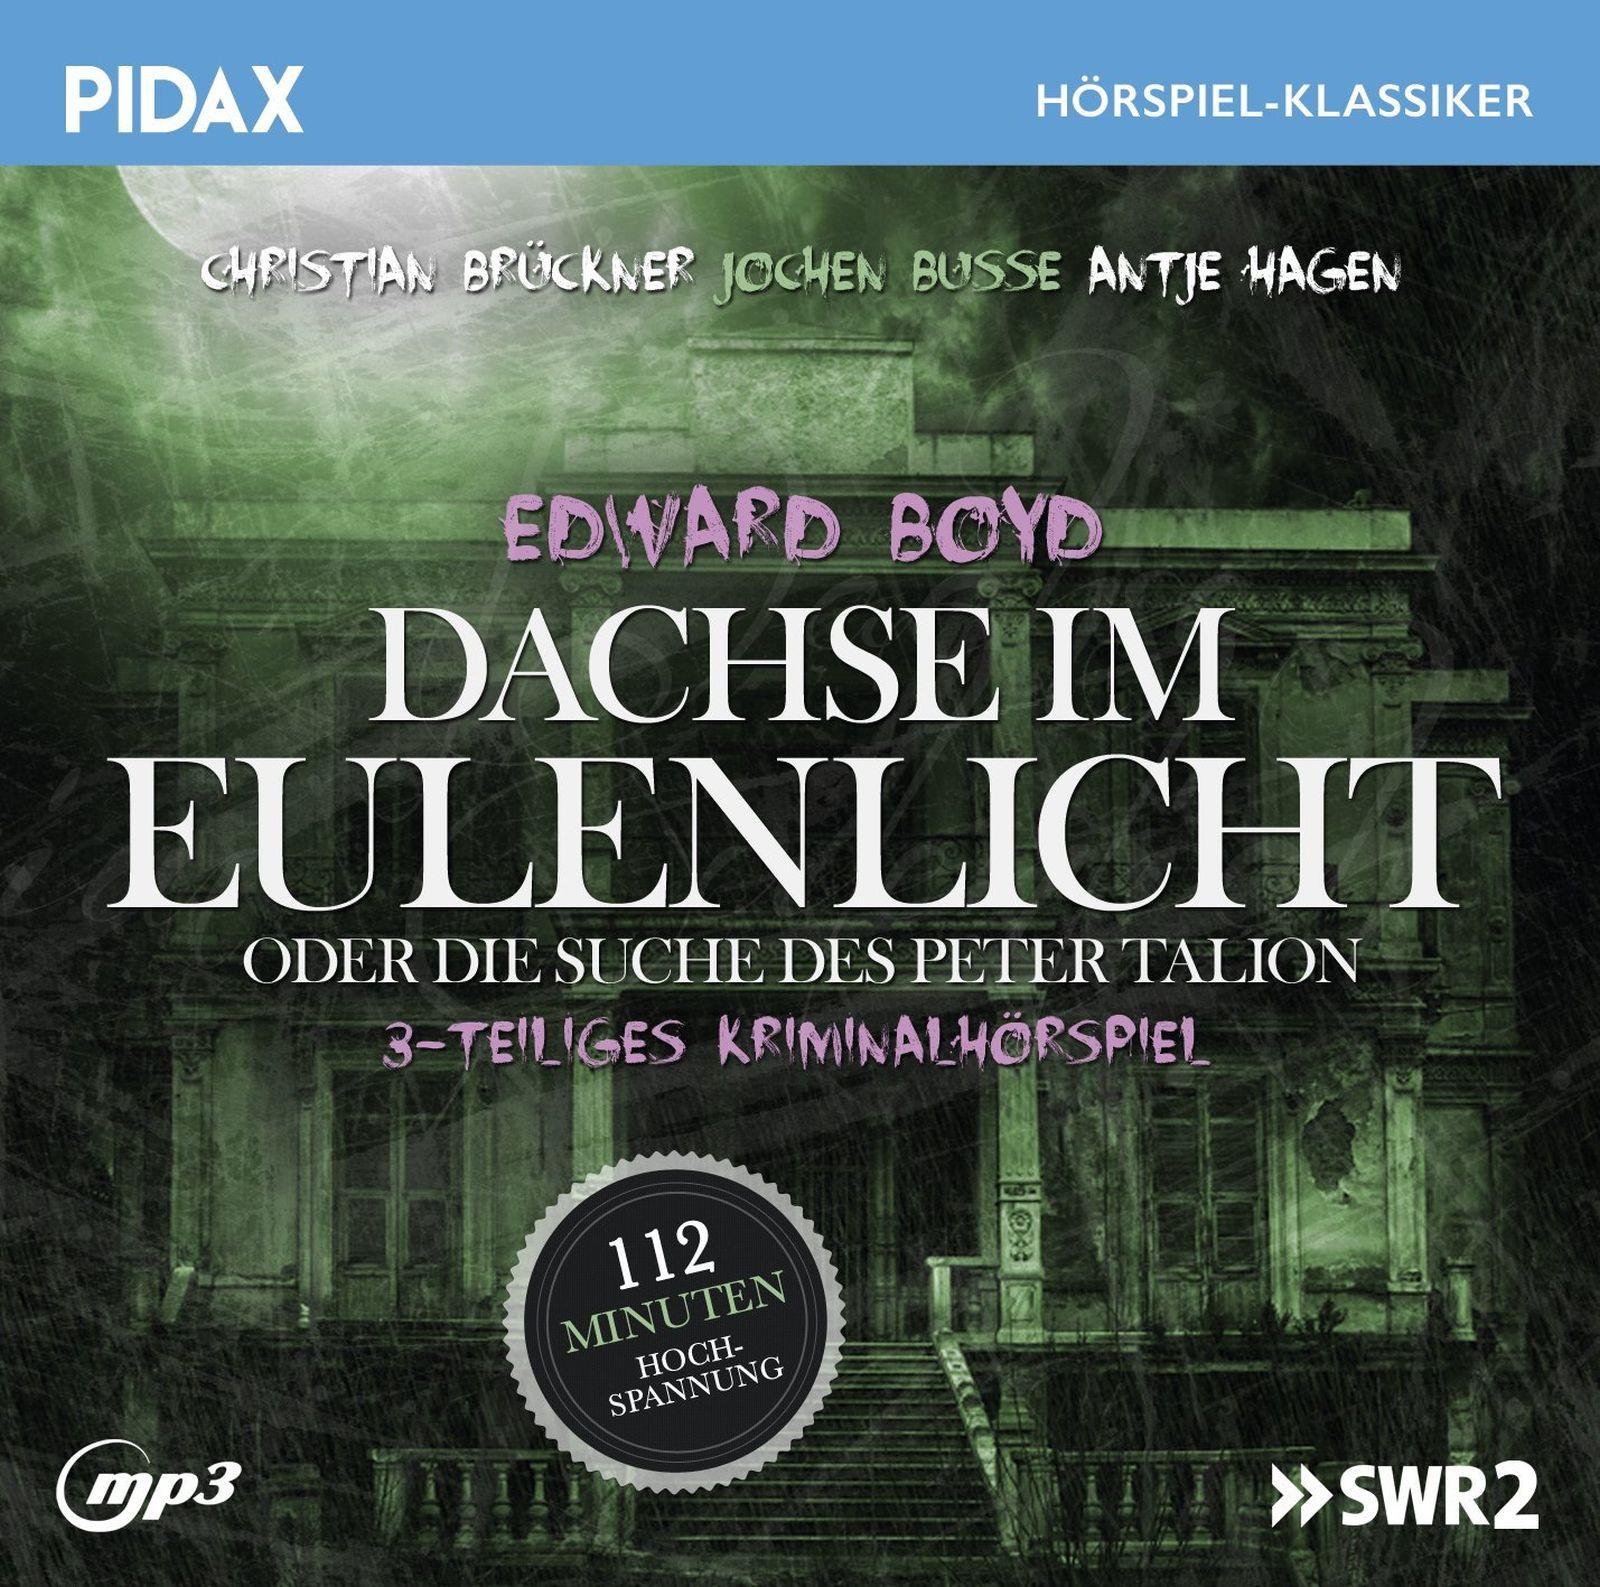 Pidax Hörspiel Klassiker - Dachse im Eulenlicht